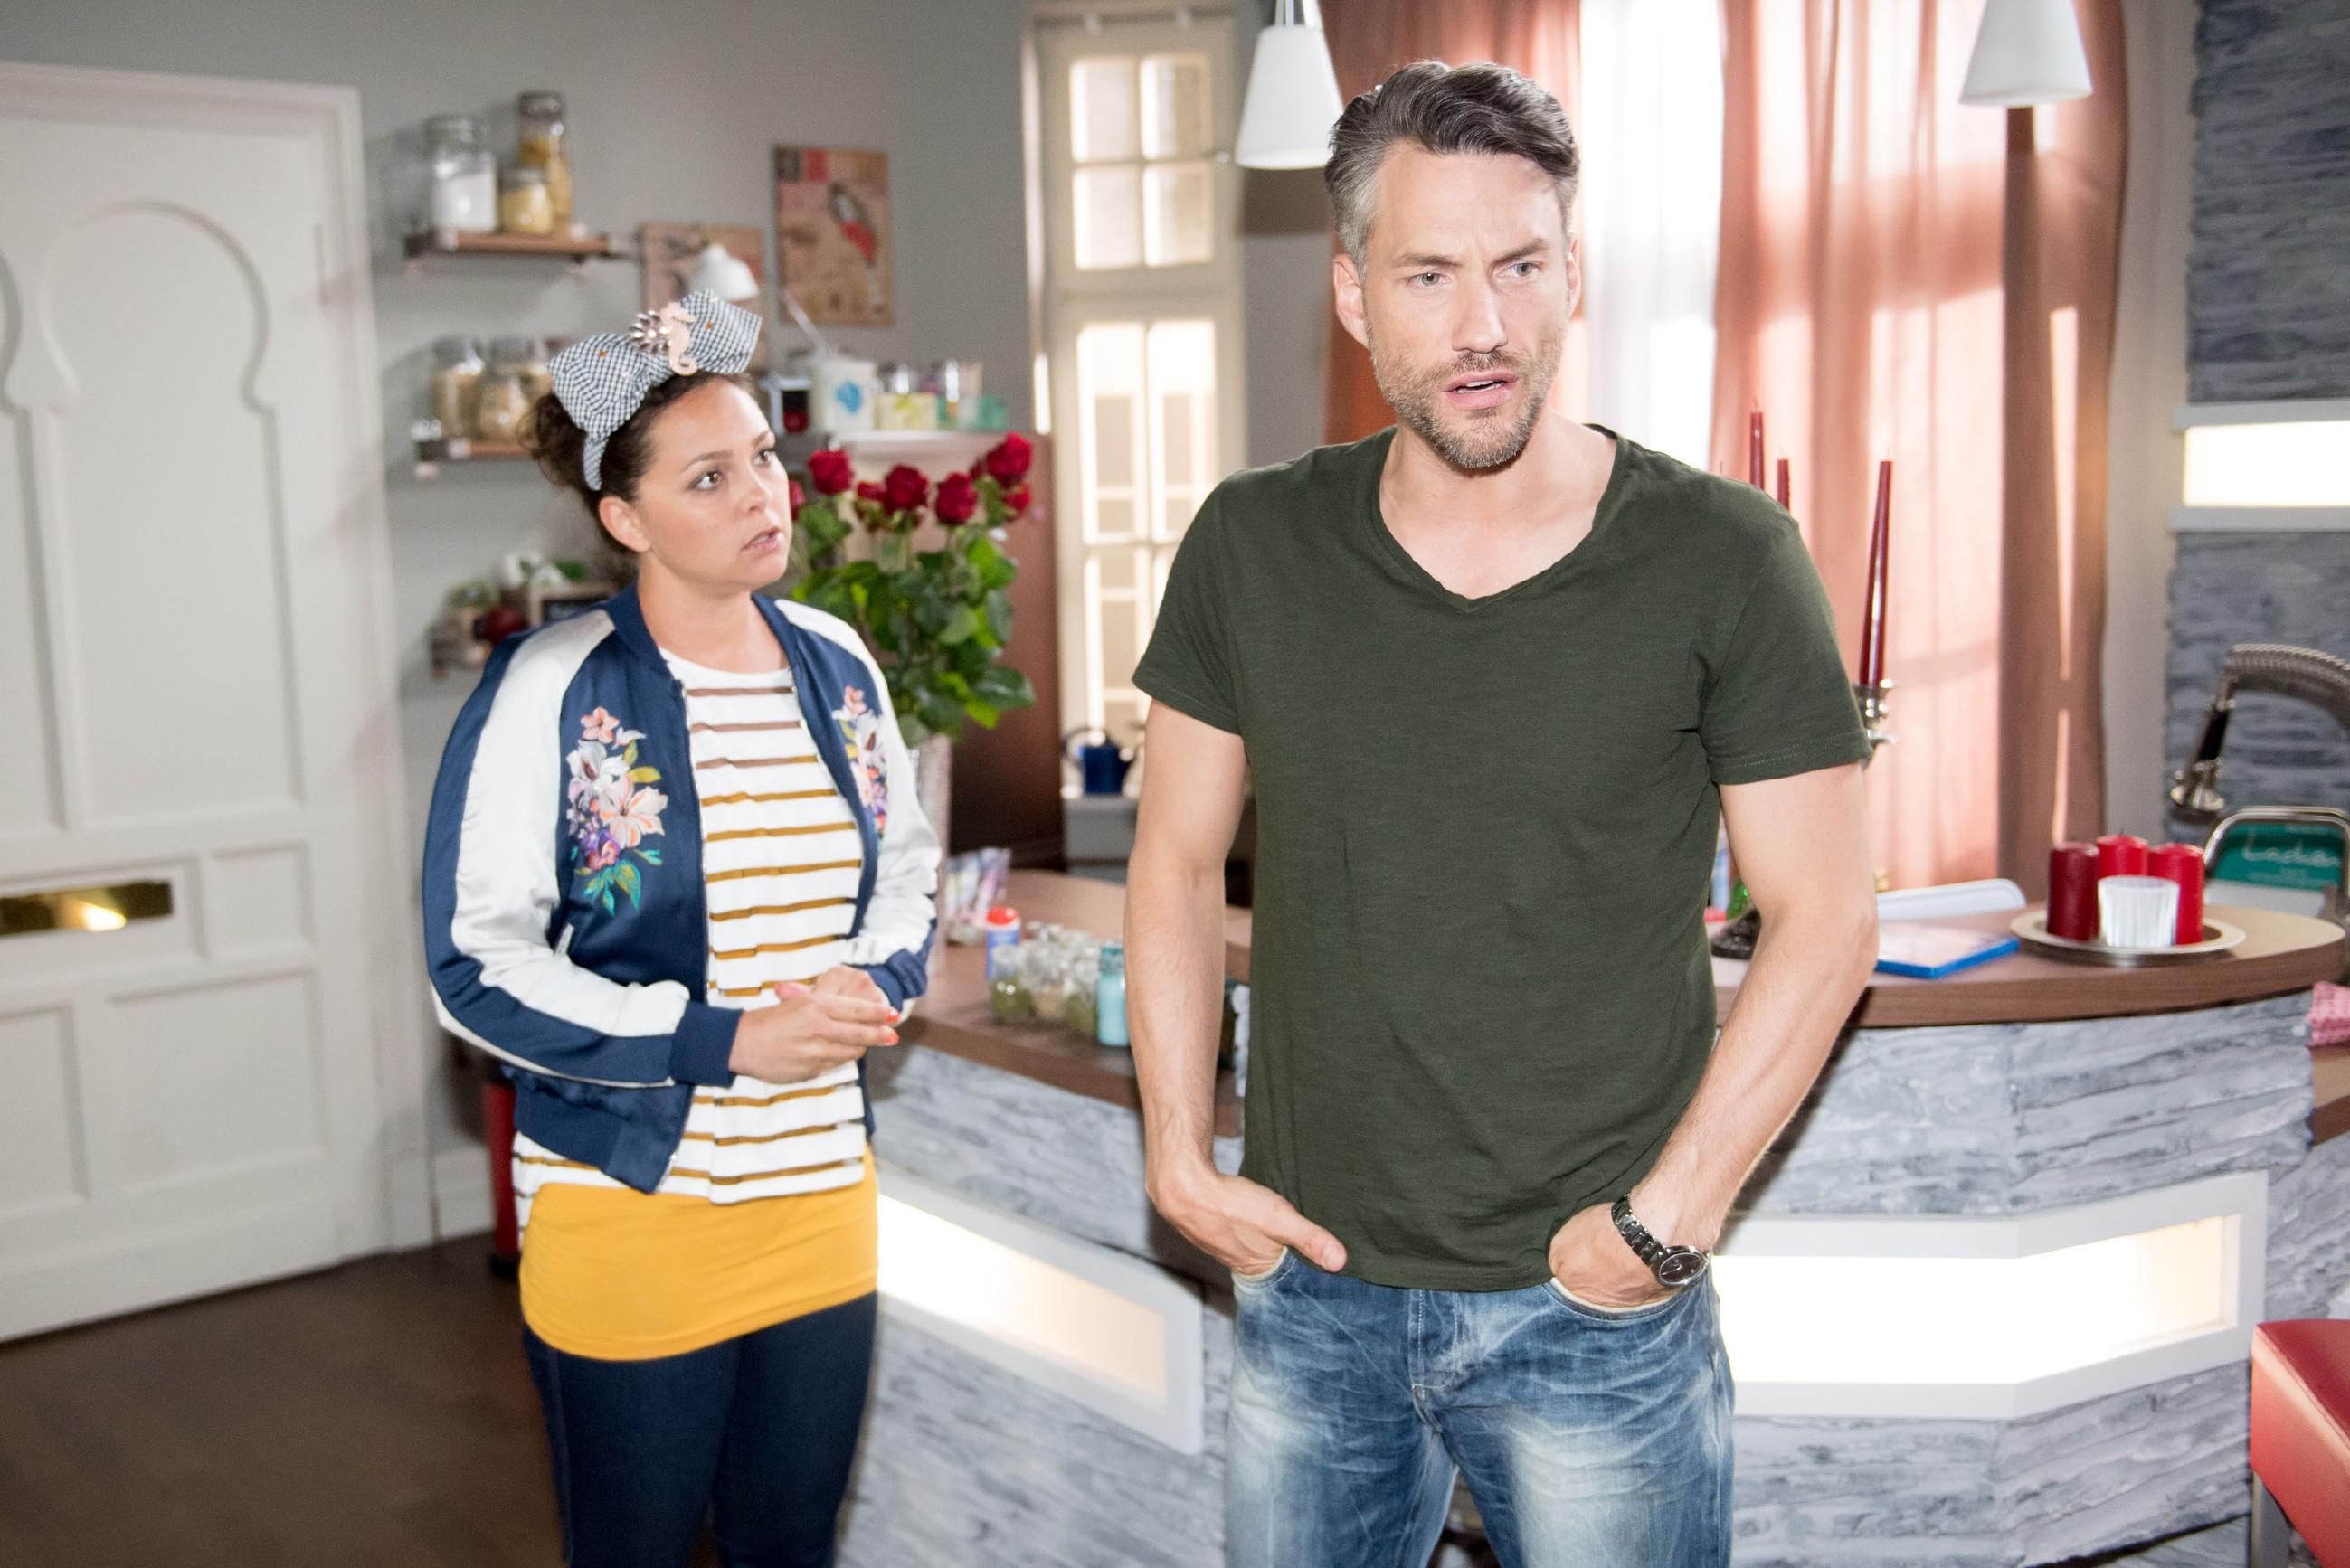 Caro (Ines Kurenbach) muss schuldbewusst die Vorwürfe des tief enttäuschten Malte (Stefan Bockelmann) über sich ergehen lassen. (Quelle: RTL / Stefan Behrens)